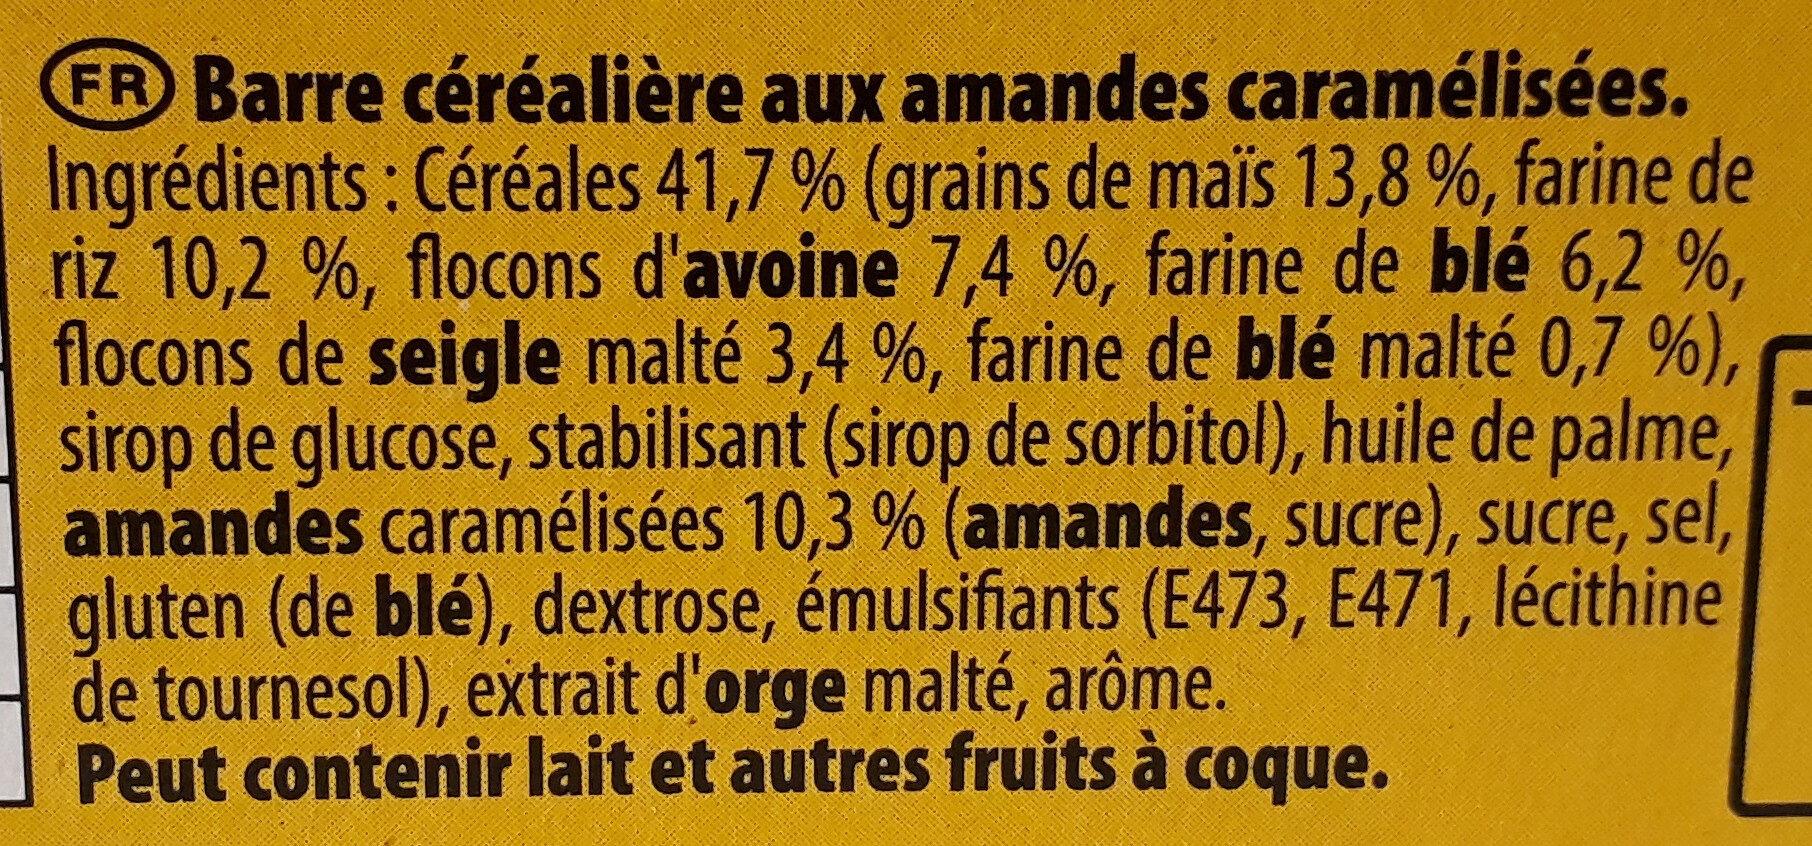 Grany Amandes Caramélisées 5 céréales - Ingrédients - fr